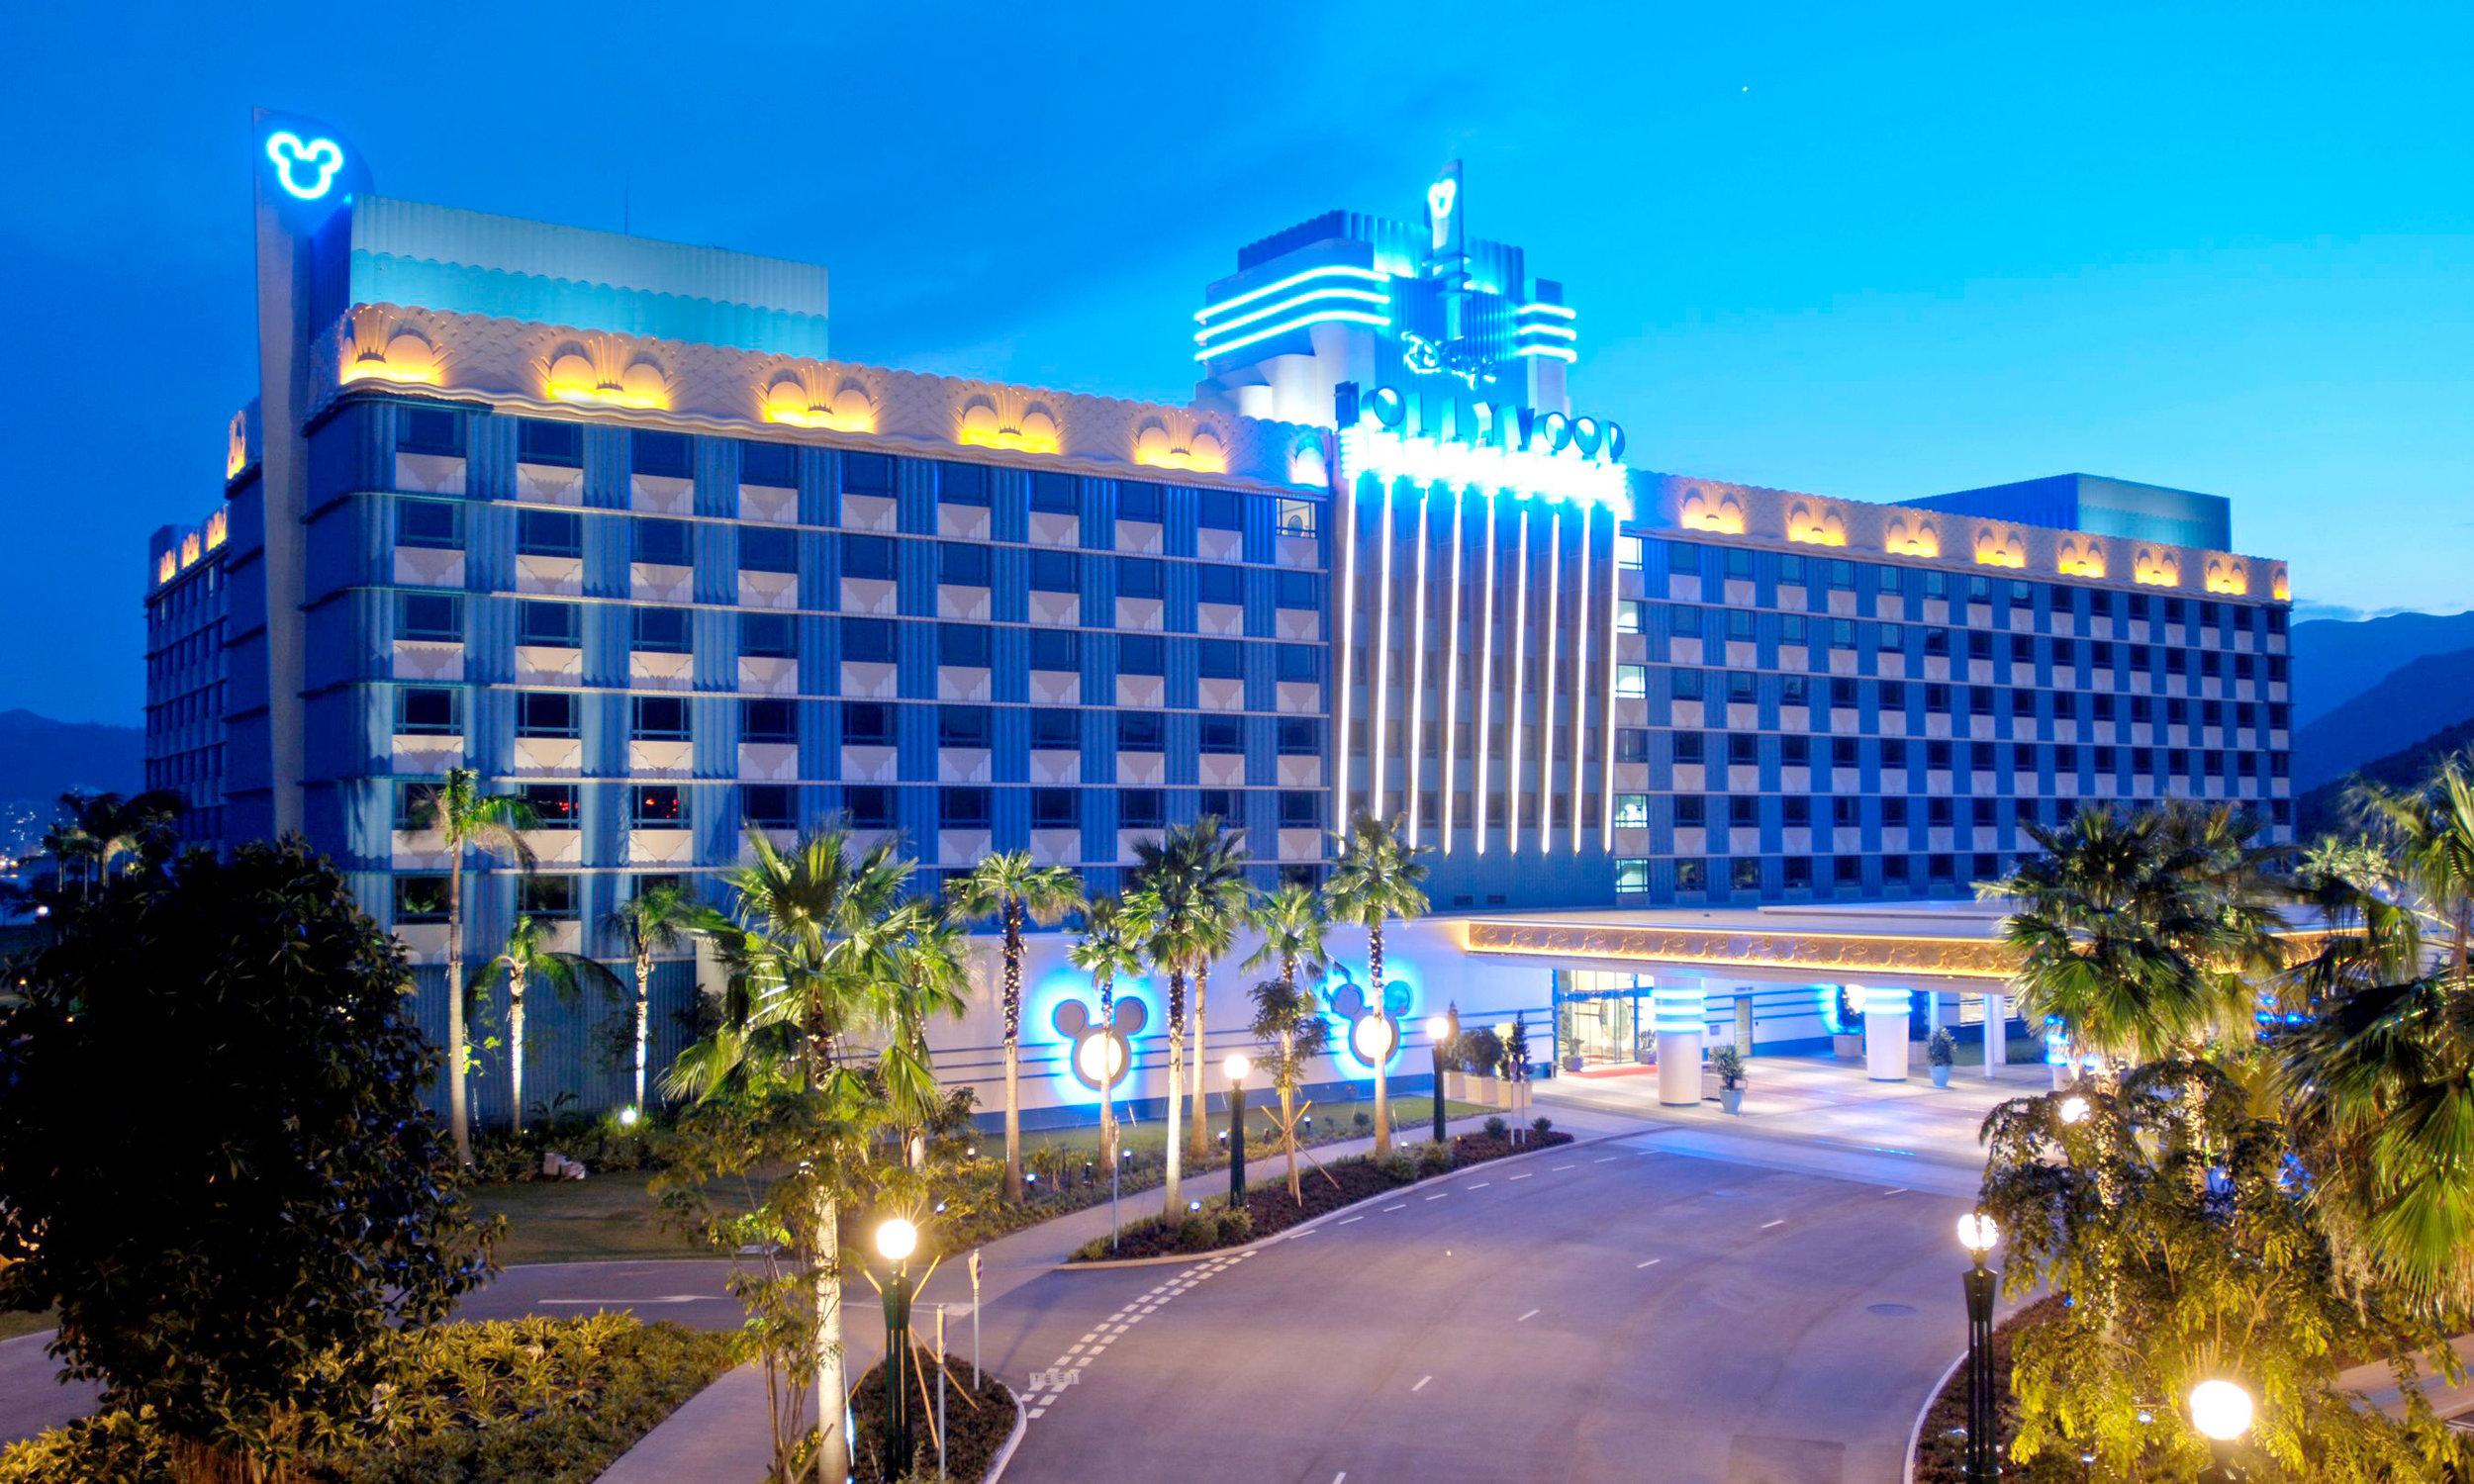 Disney's+Hollywood+Hotel+Hong+Kong_5_copy.jpg